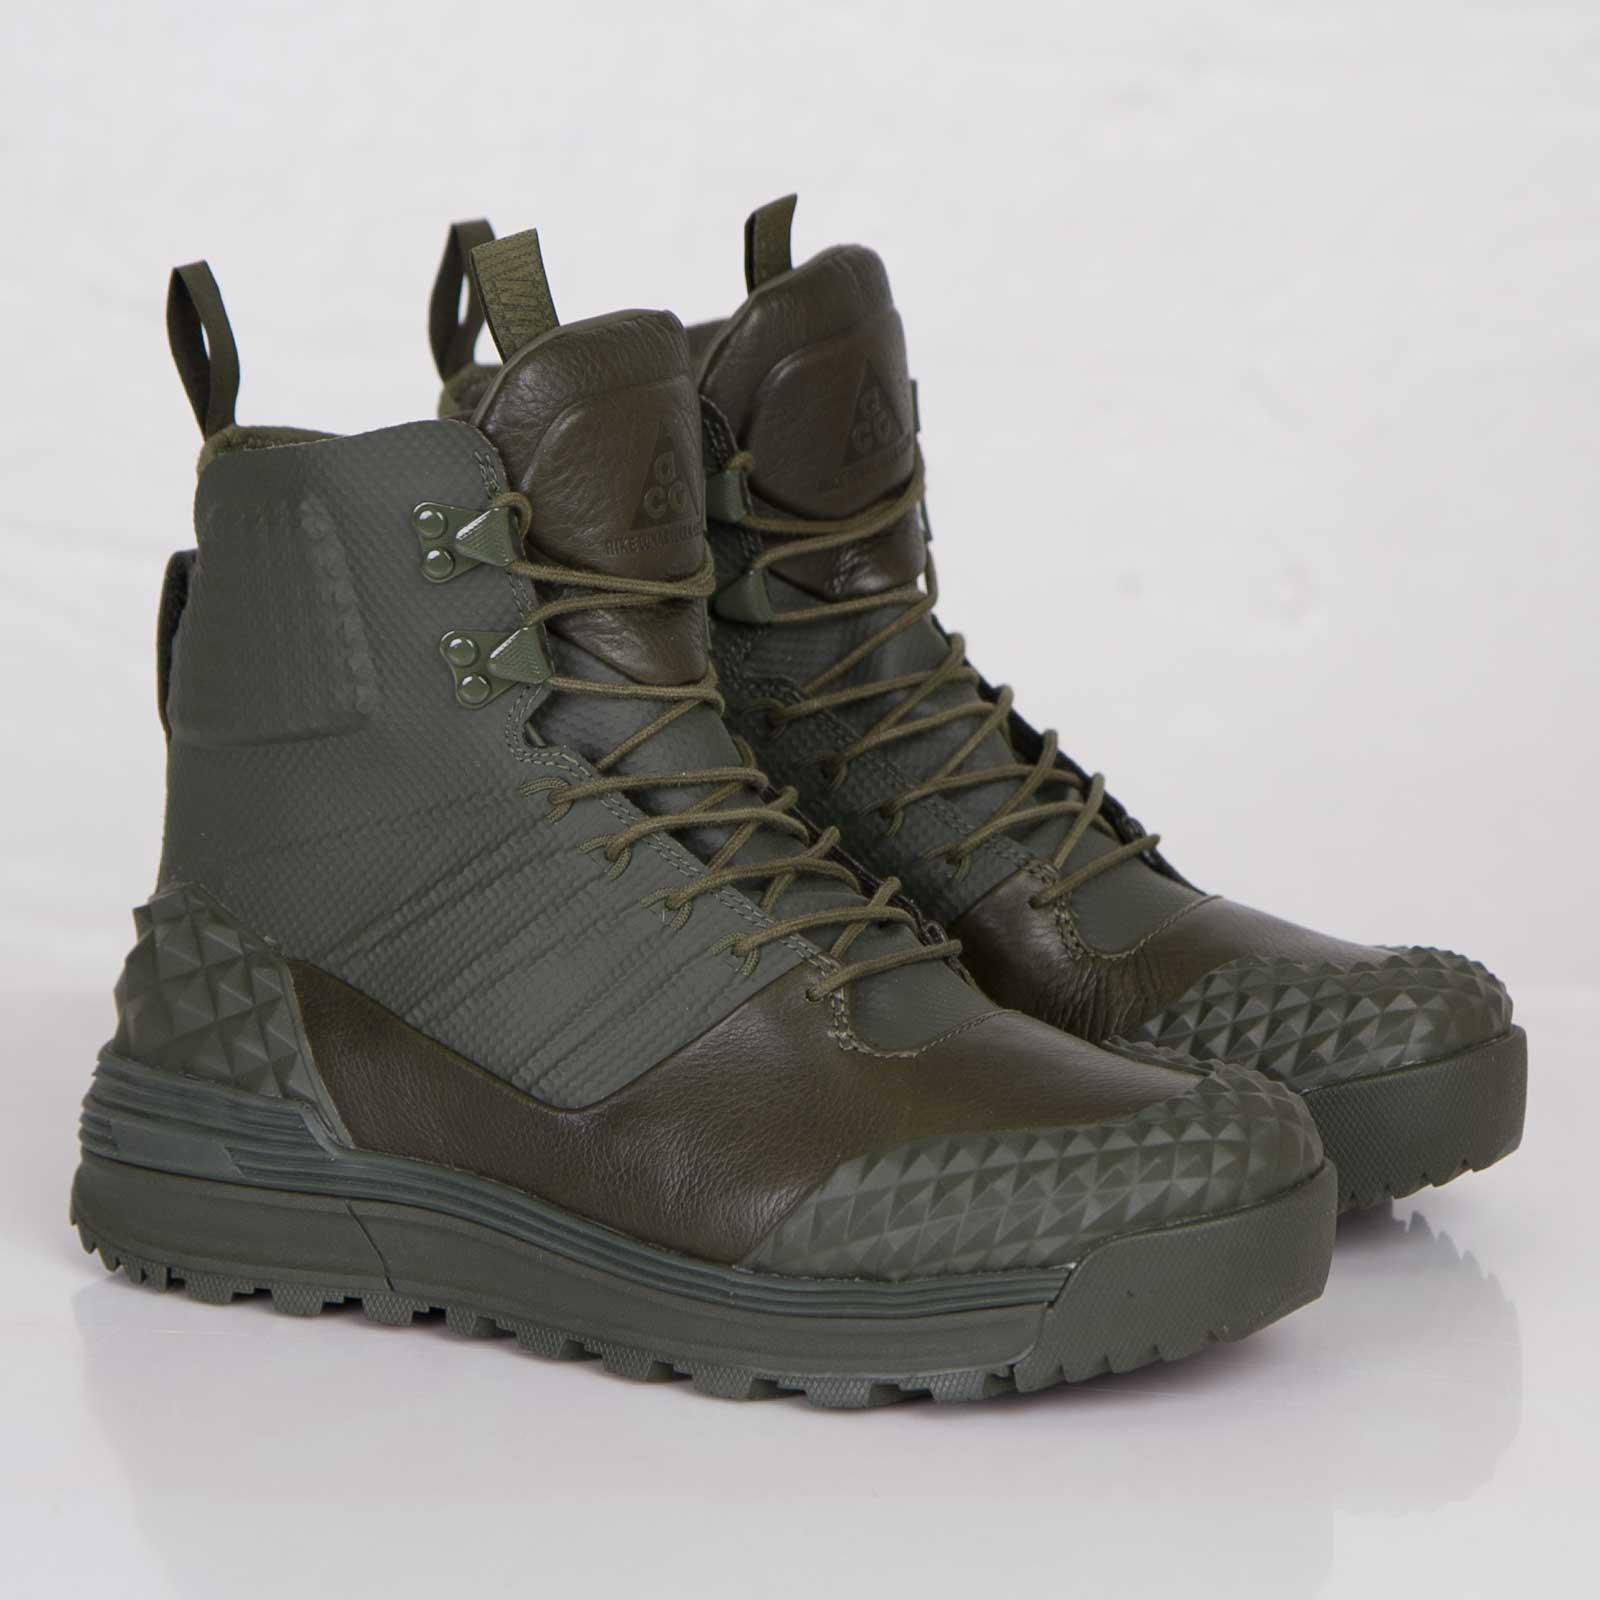 new product 1dd13 72fd0 Nike Lunarterra Arktos SP